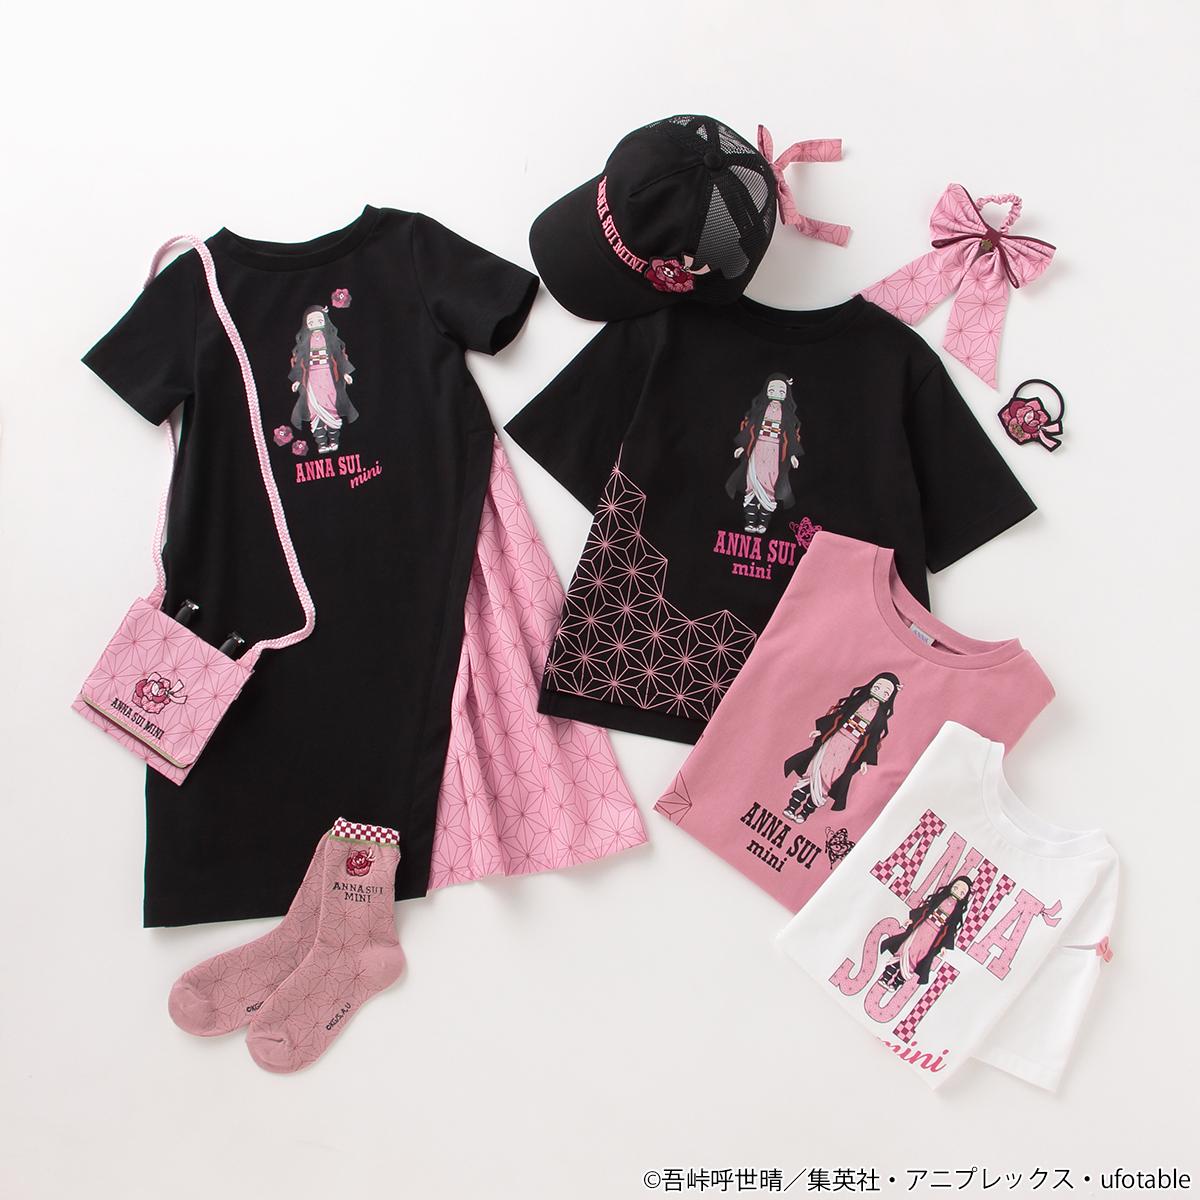 「鬼滅の刃」×「ANNA SUI」一部コラボアイテムが店頭販売スタート!子供服の新作も登場